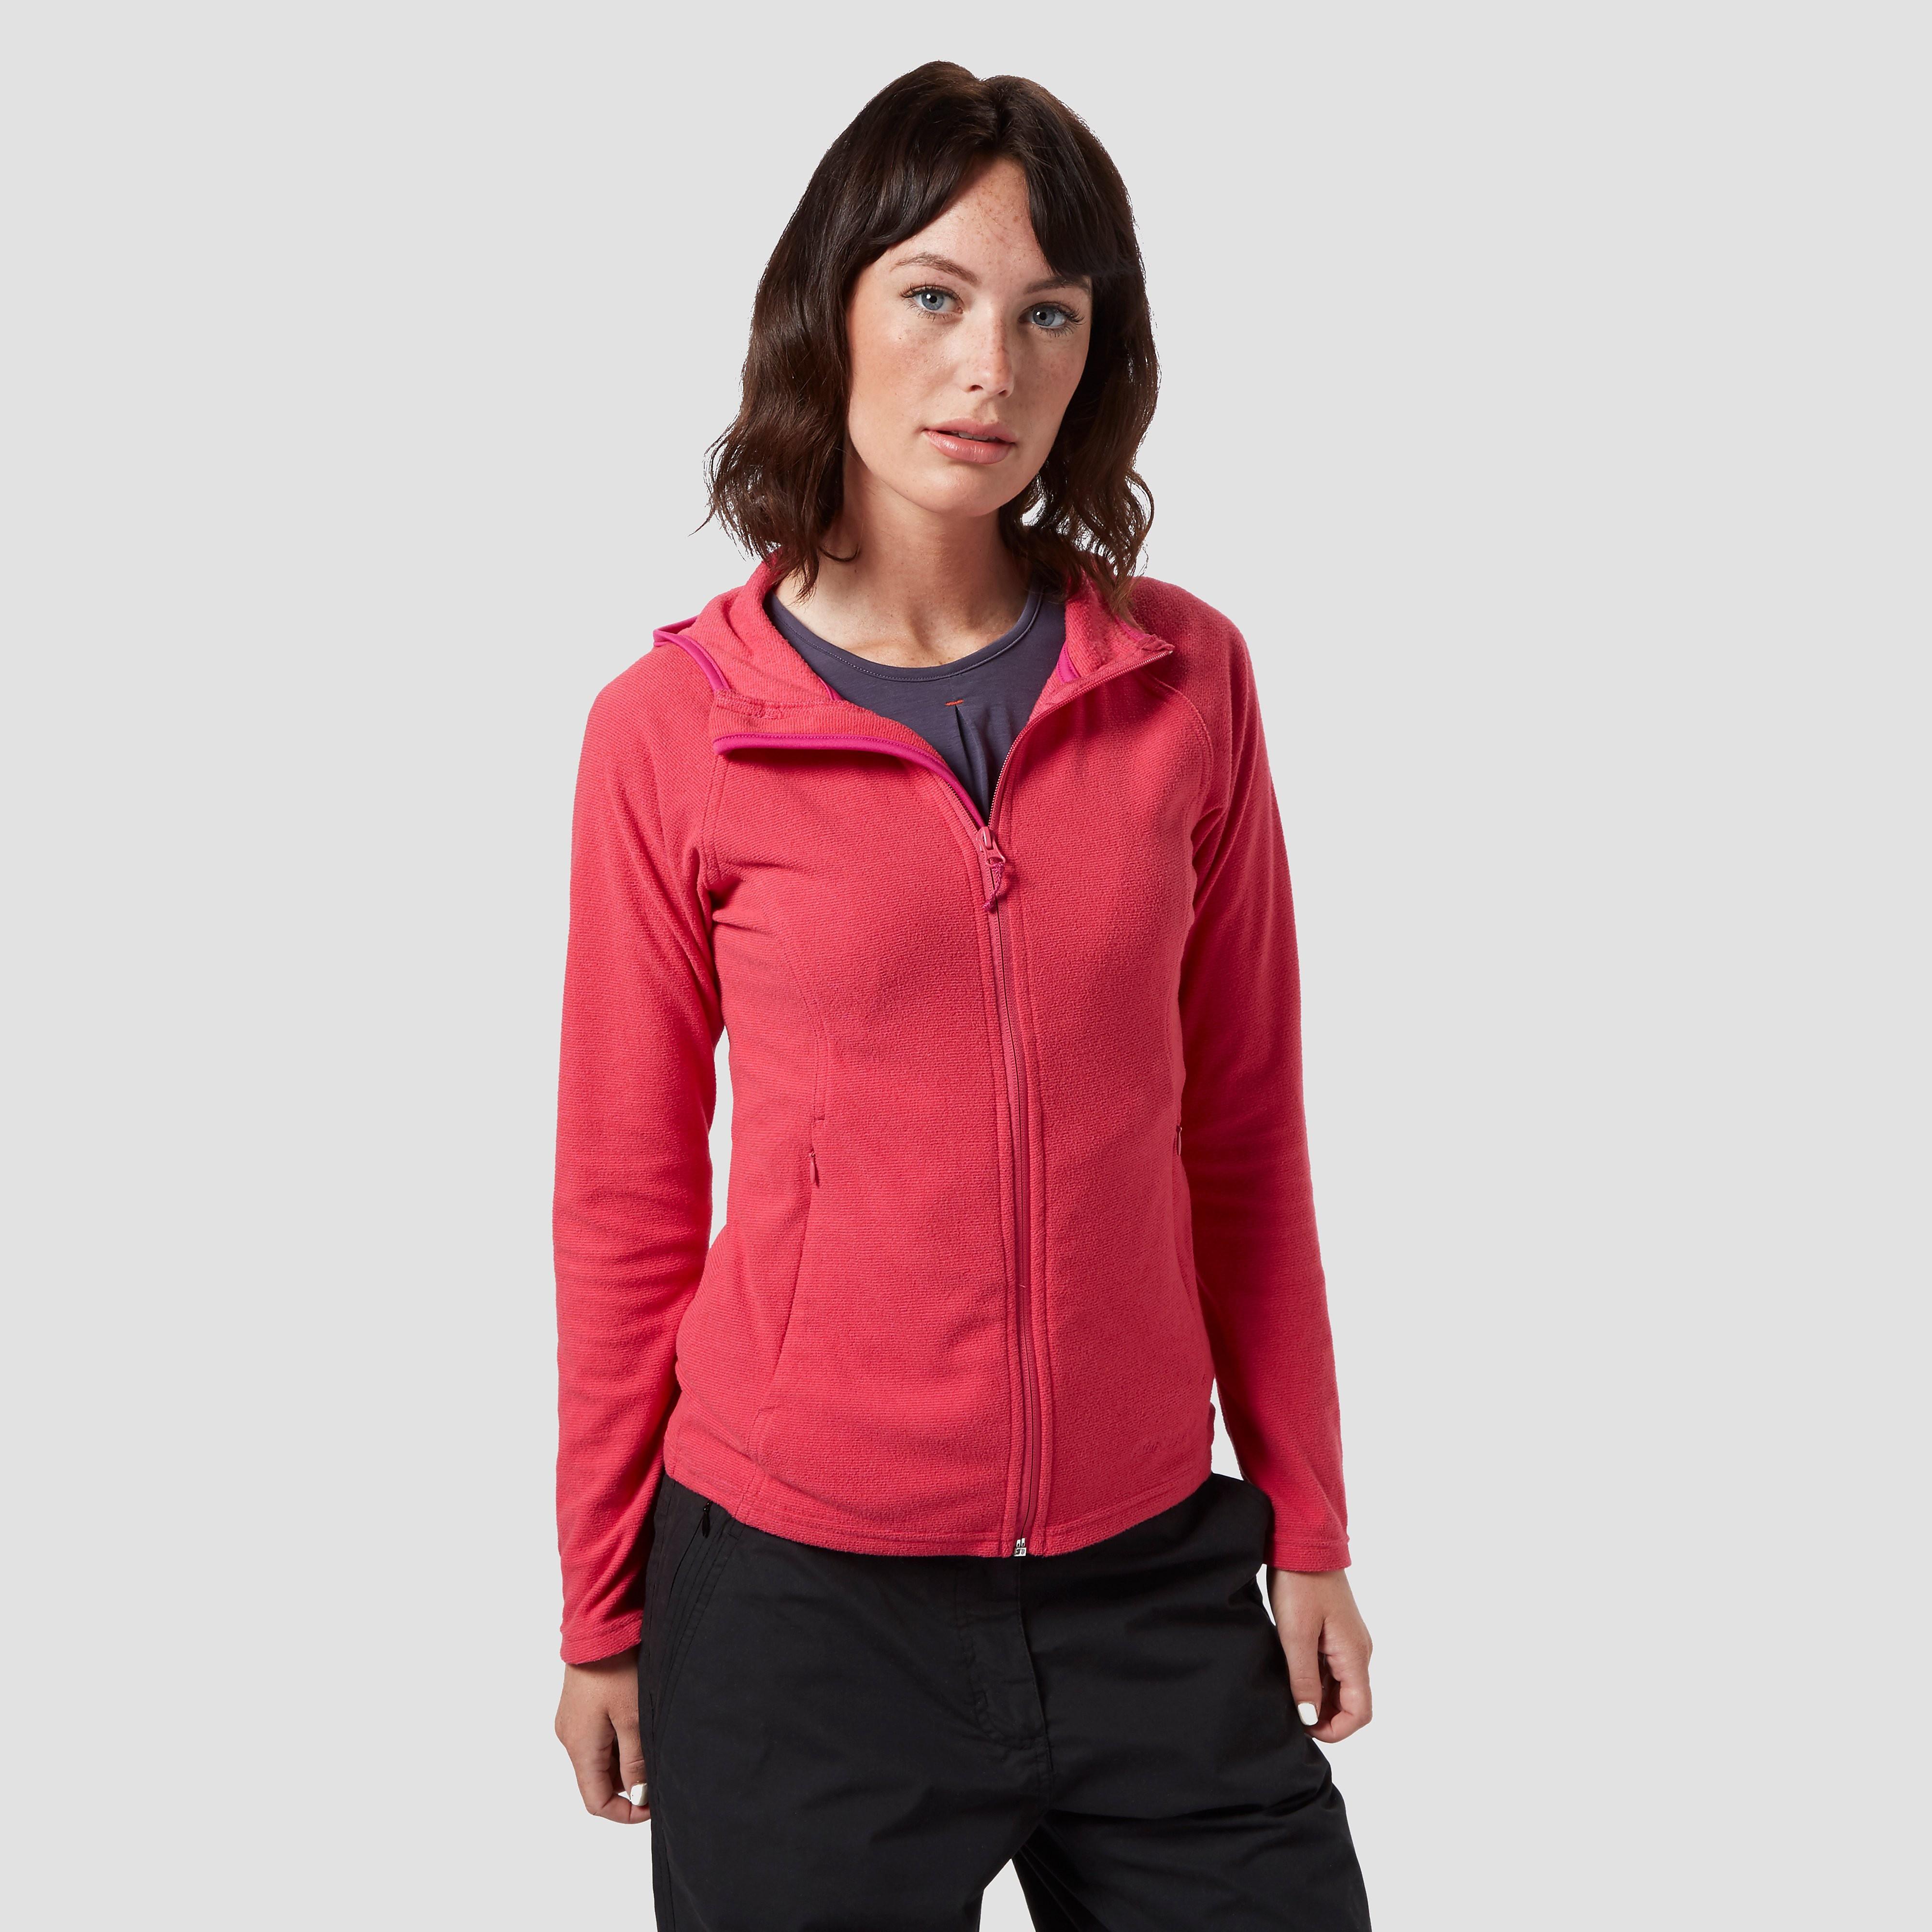 Peter Storm Micro Stripe Full Zip Women's Jacket